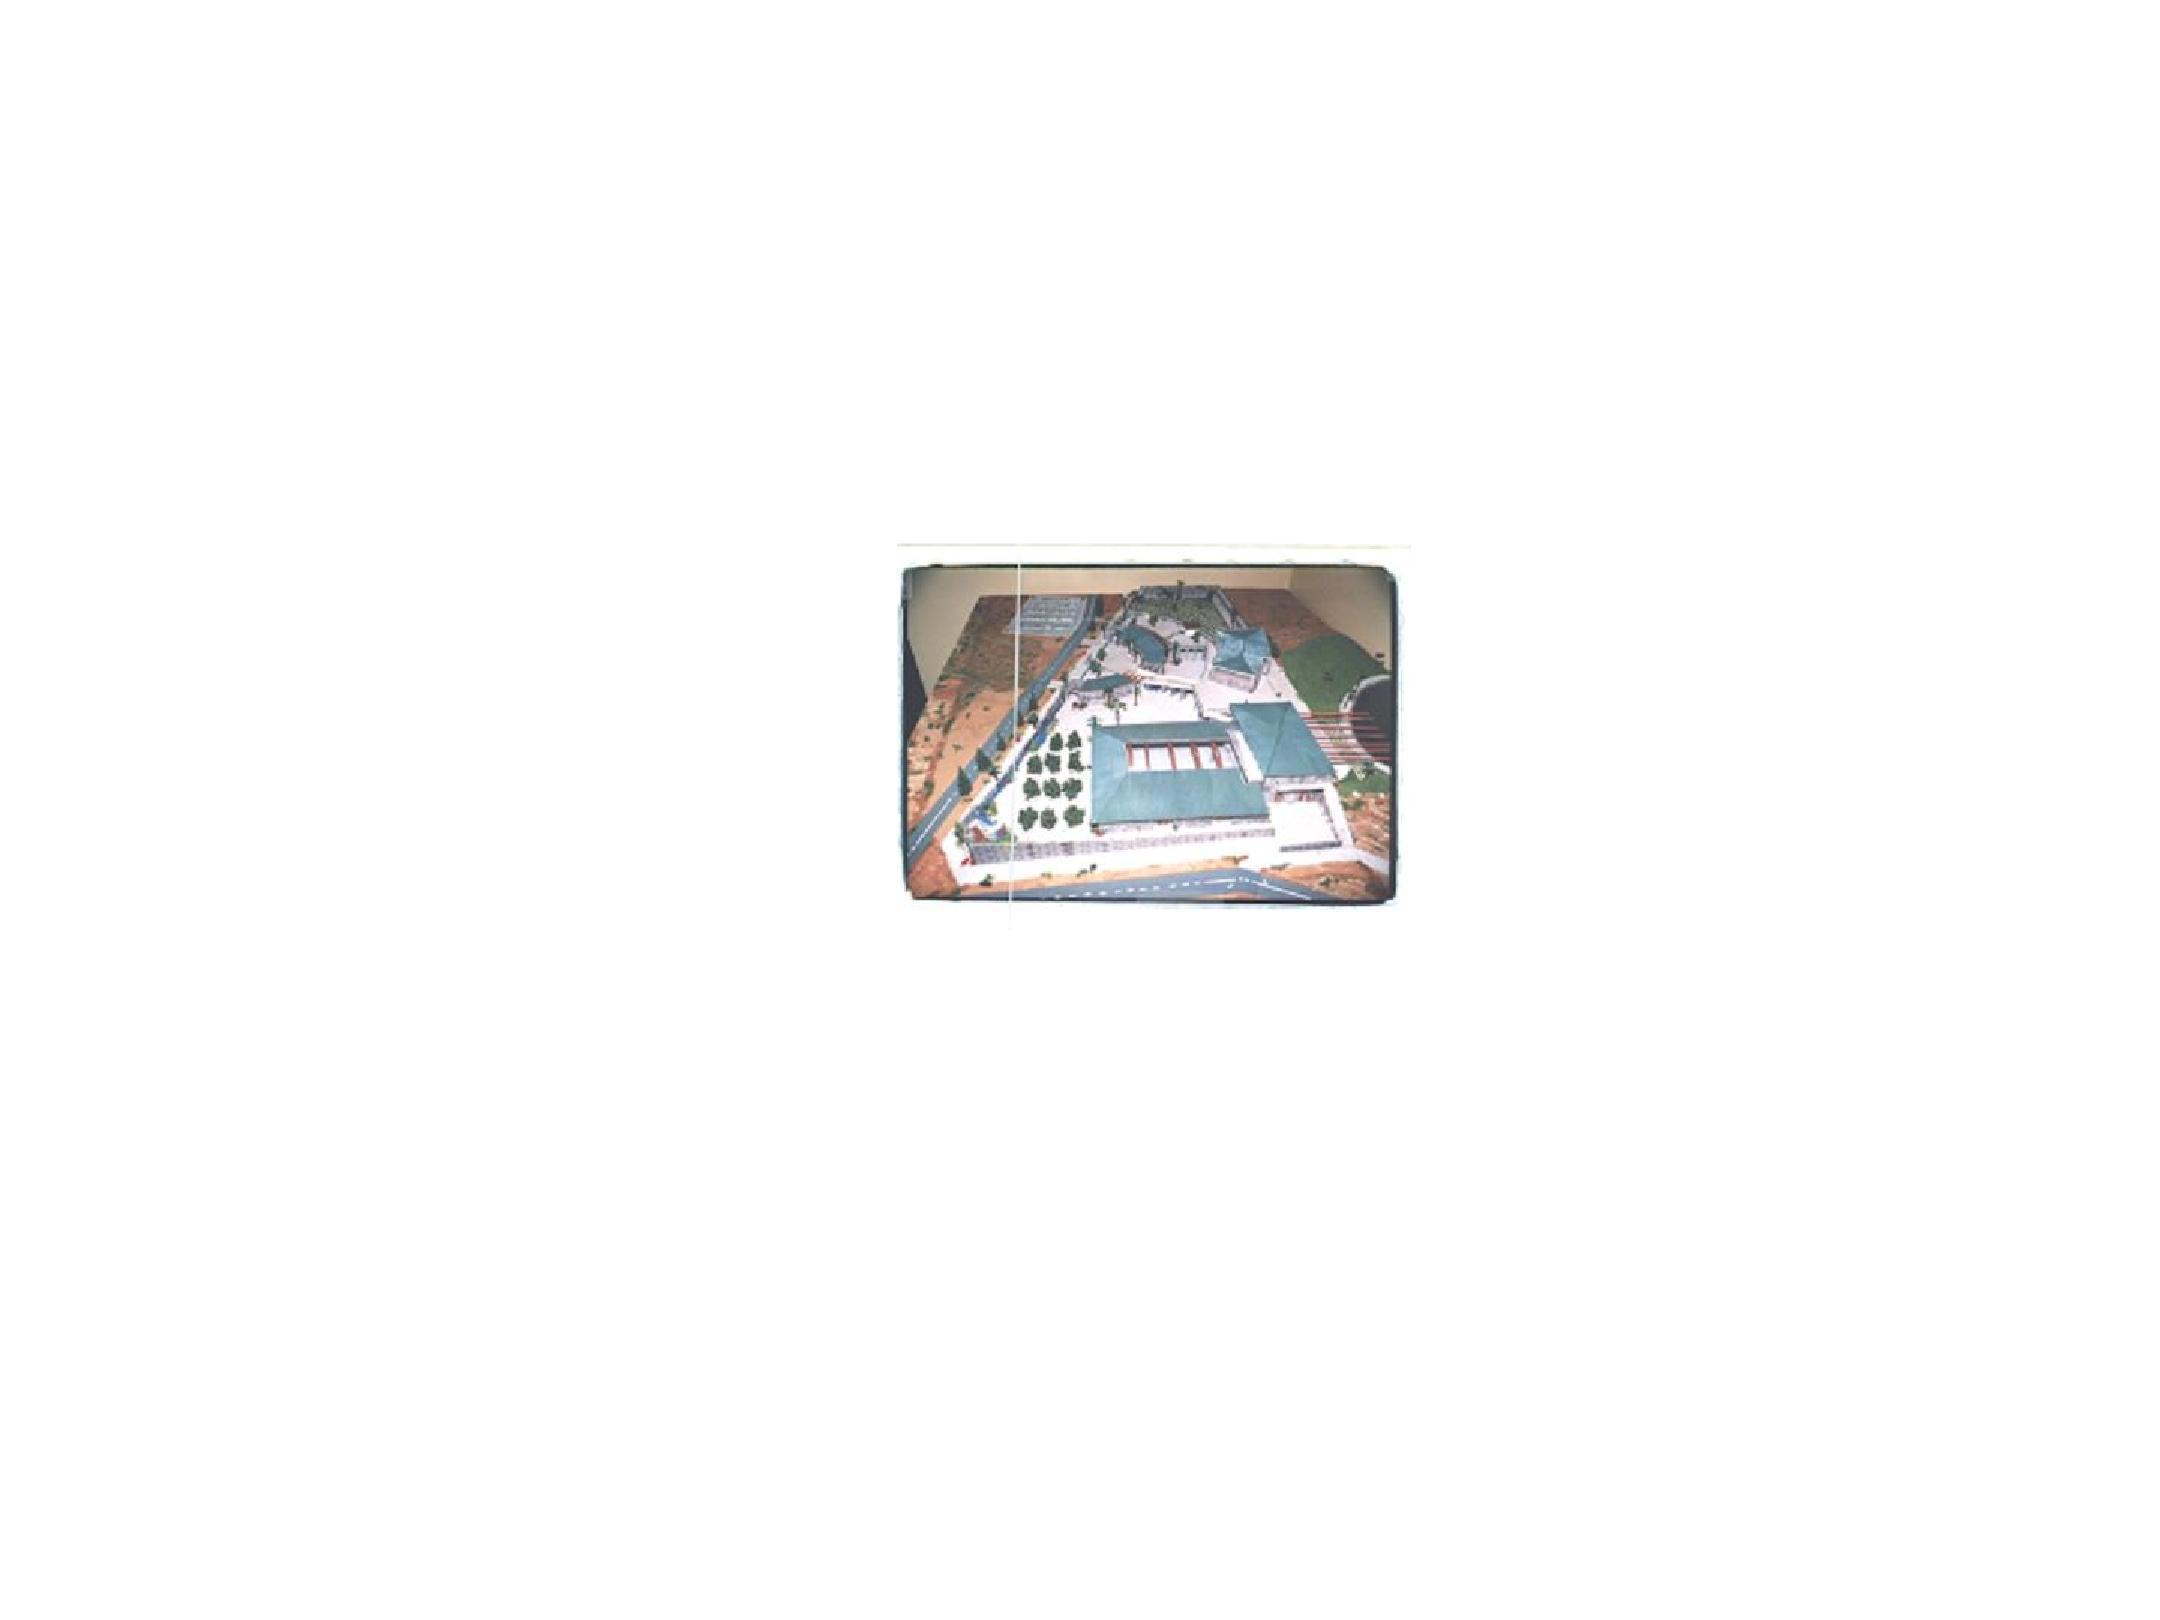 857733b9-5173-4050-bca1-5c09d596e0a2.JPG